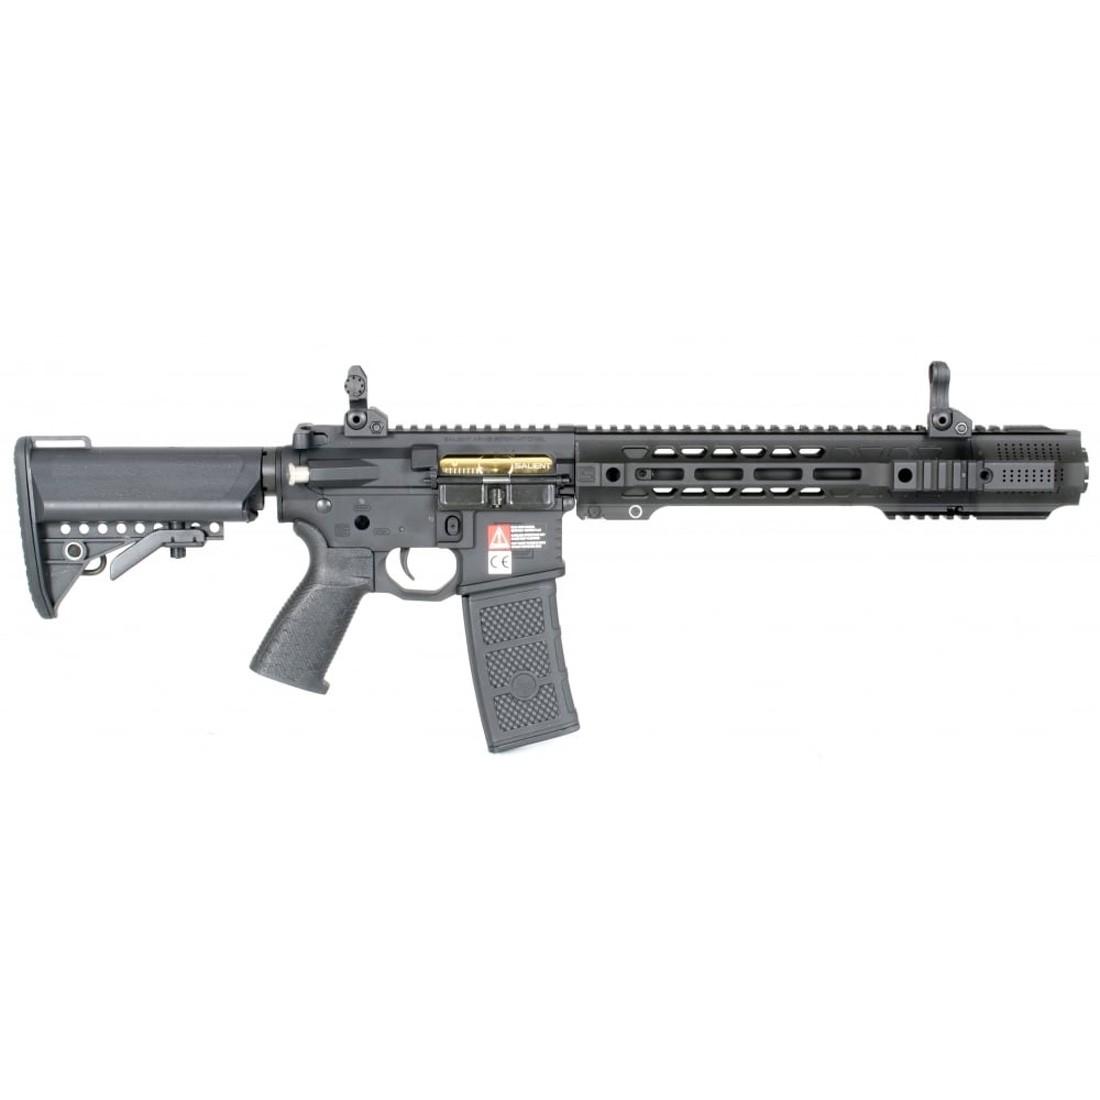 G&P Salient Arms SAI GRY M4 (Short) Airsoft AEG Rifle - PRE-ORDER